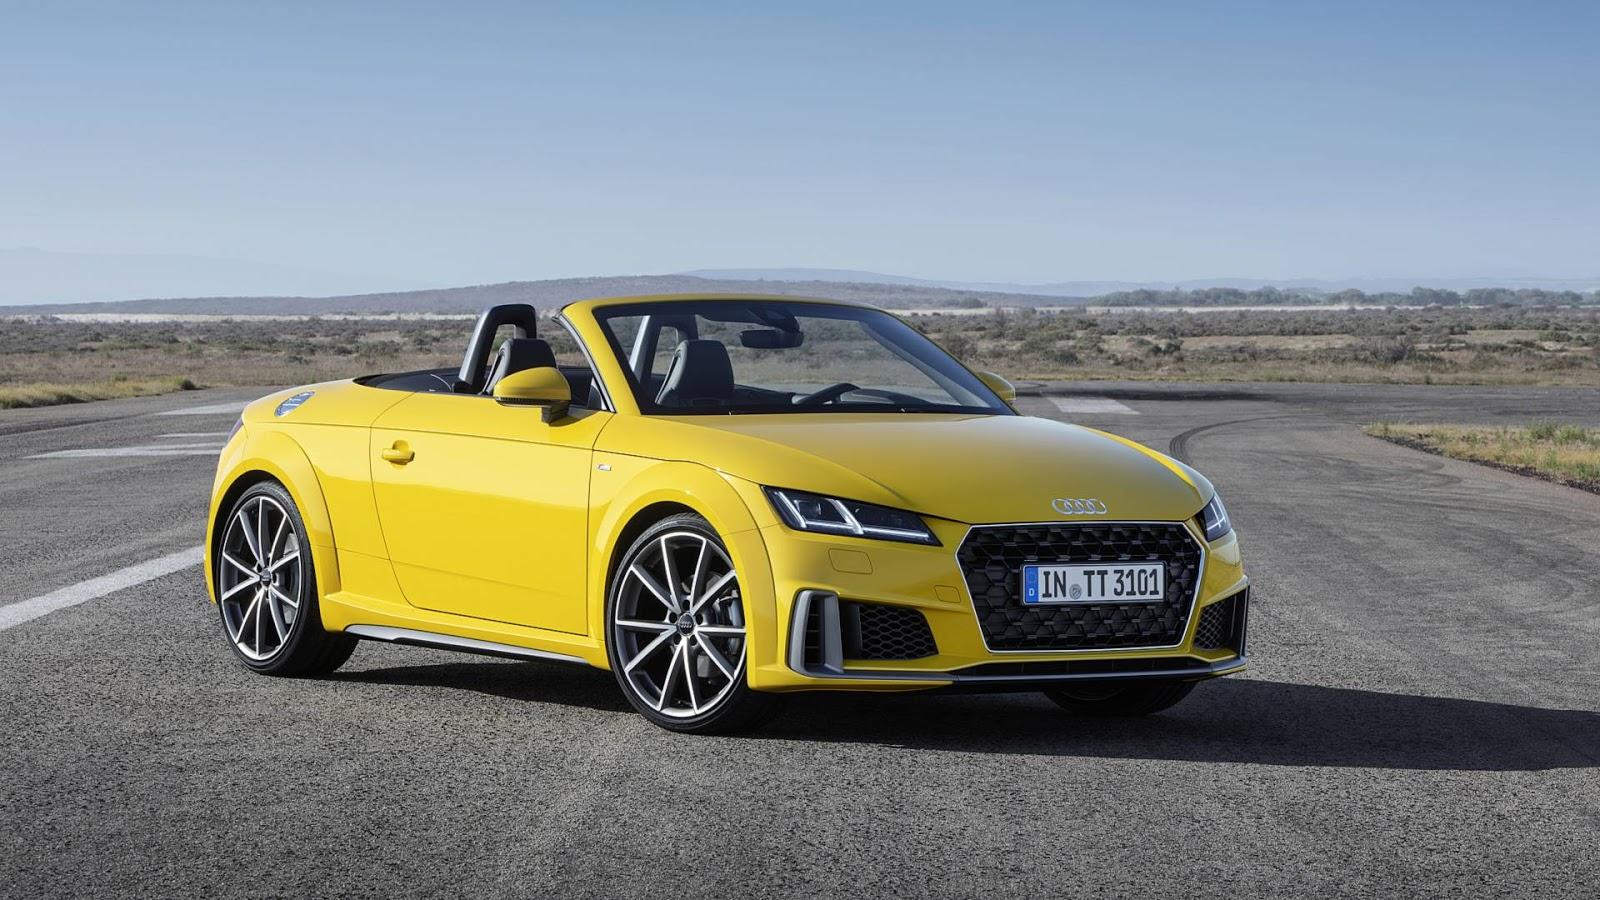 2019年式的Audi TT獲得更豐富的標準配備與細微的外觀升級! | SanjiNoir 黑侍樂讀|